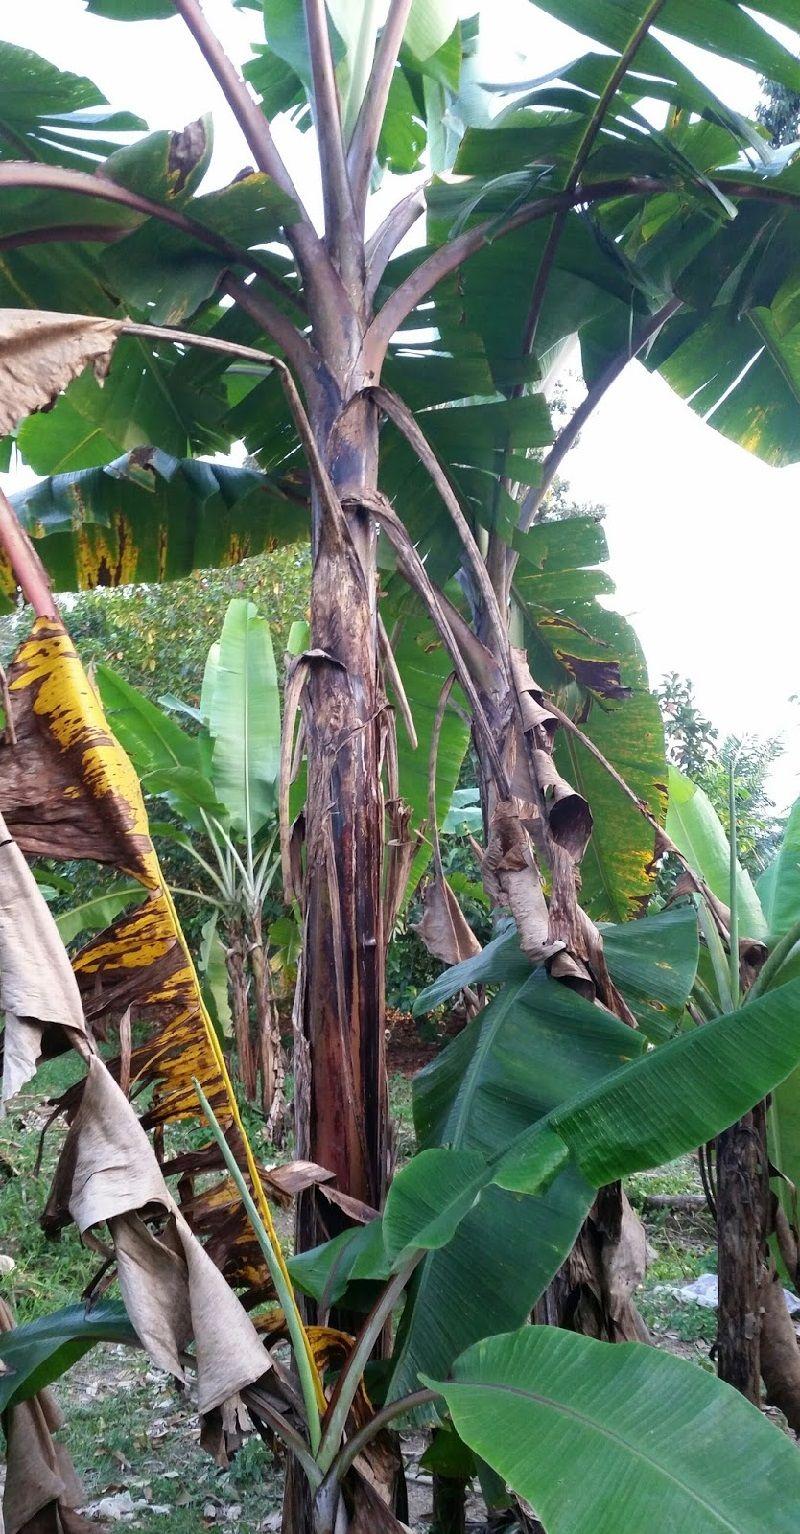 Gambar Pohon Pisang Kidang Atau Pisang Raja Udang